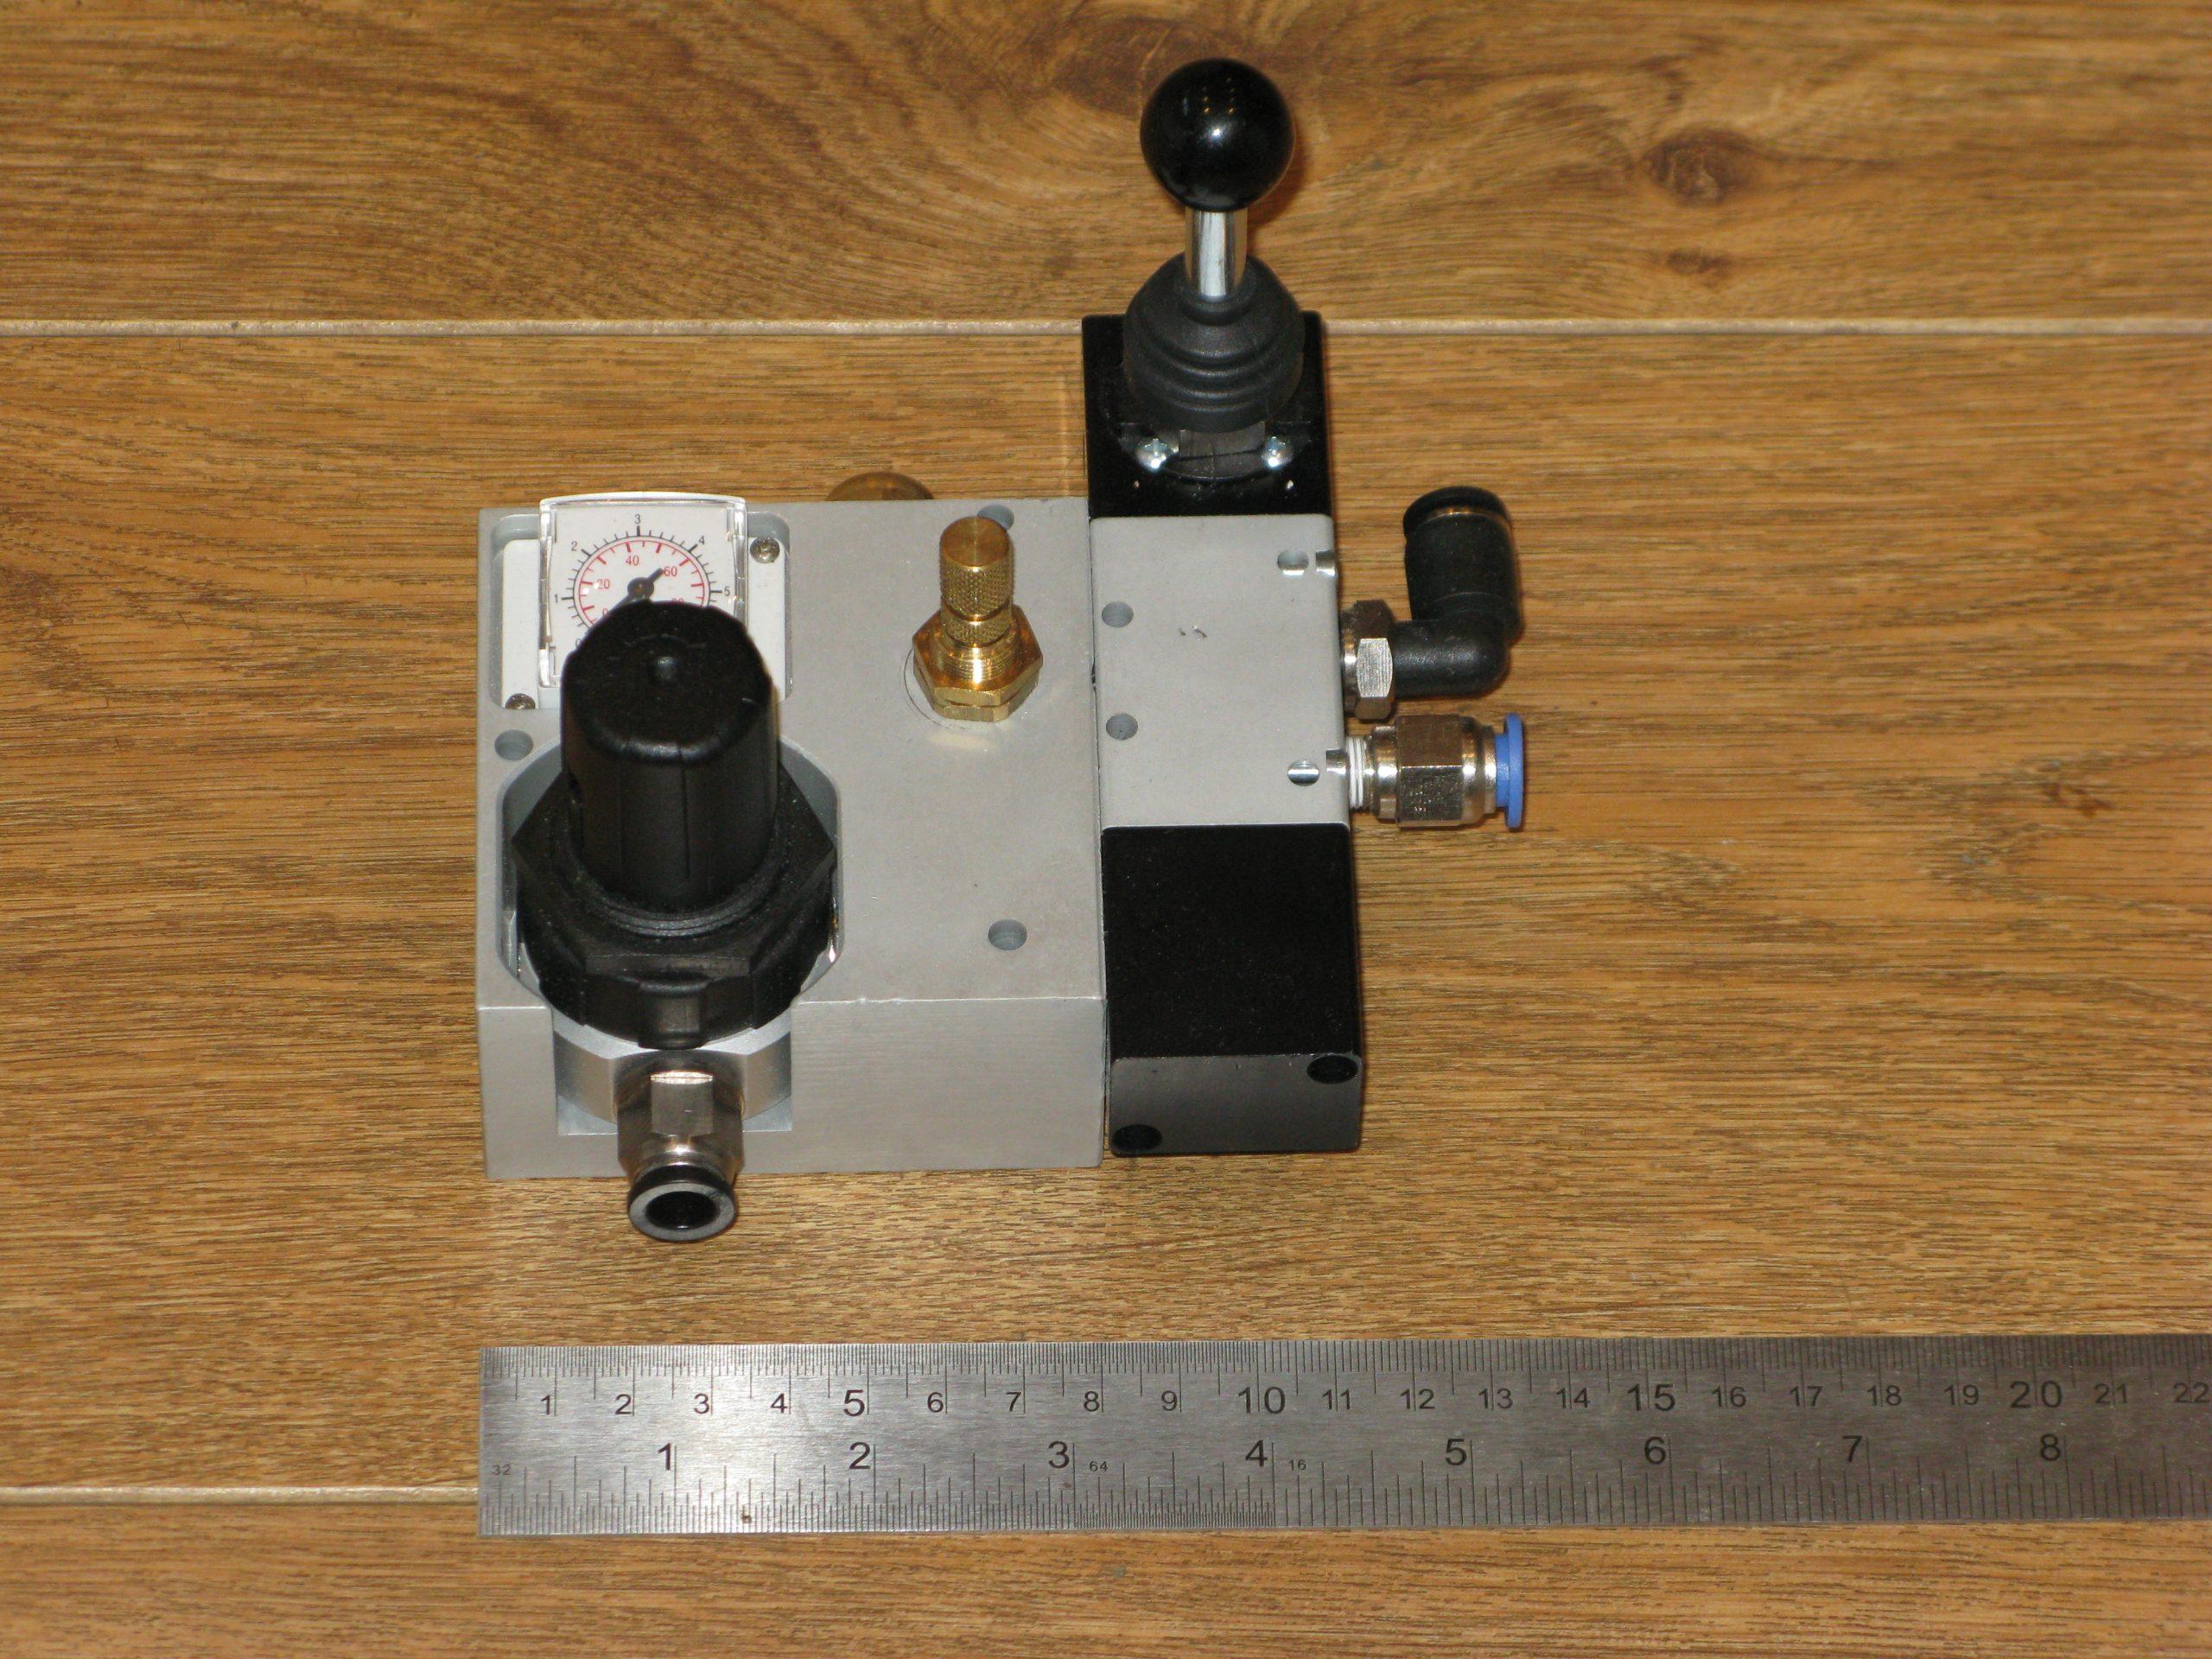 Air control manifold